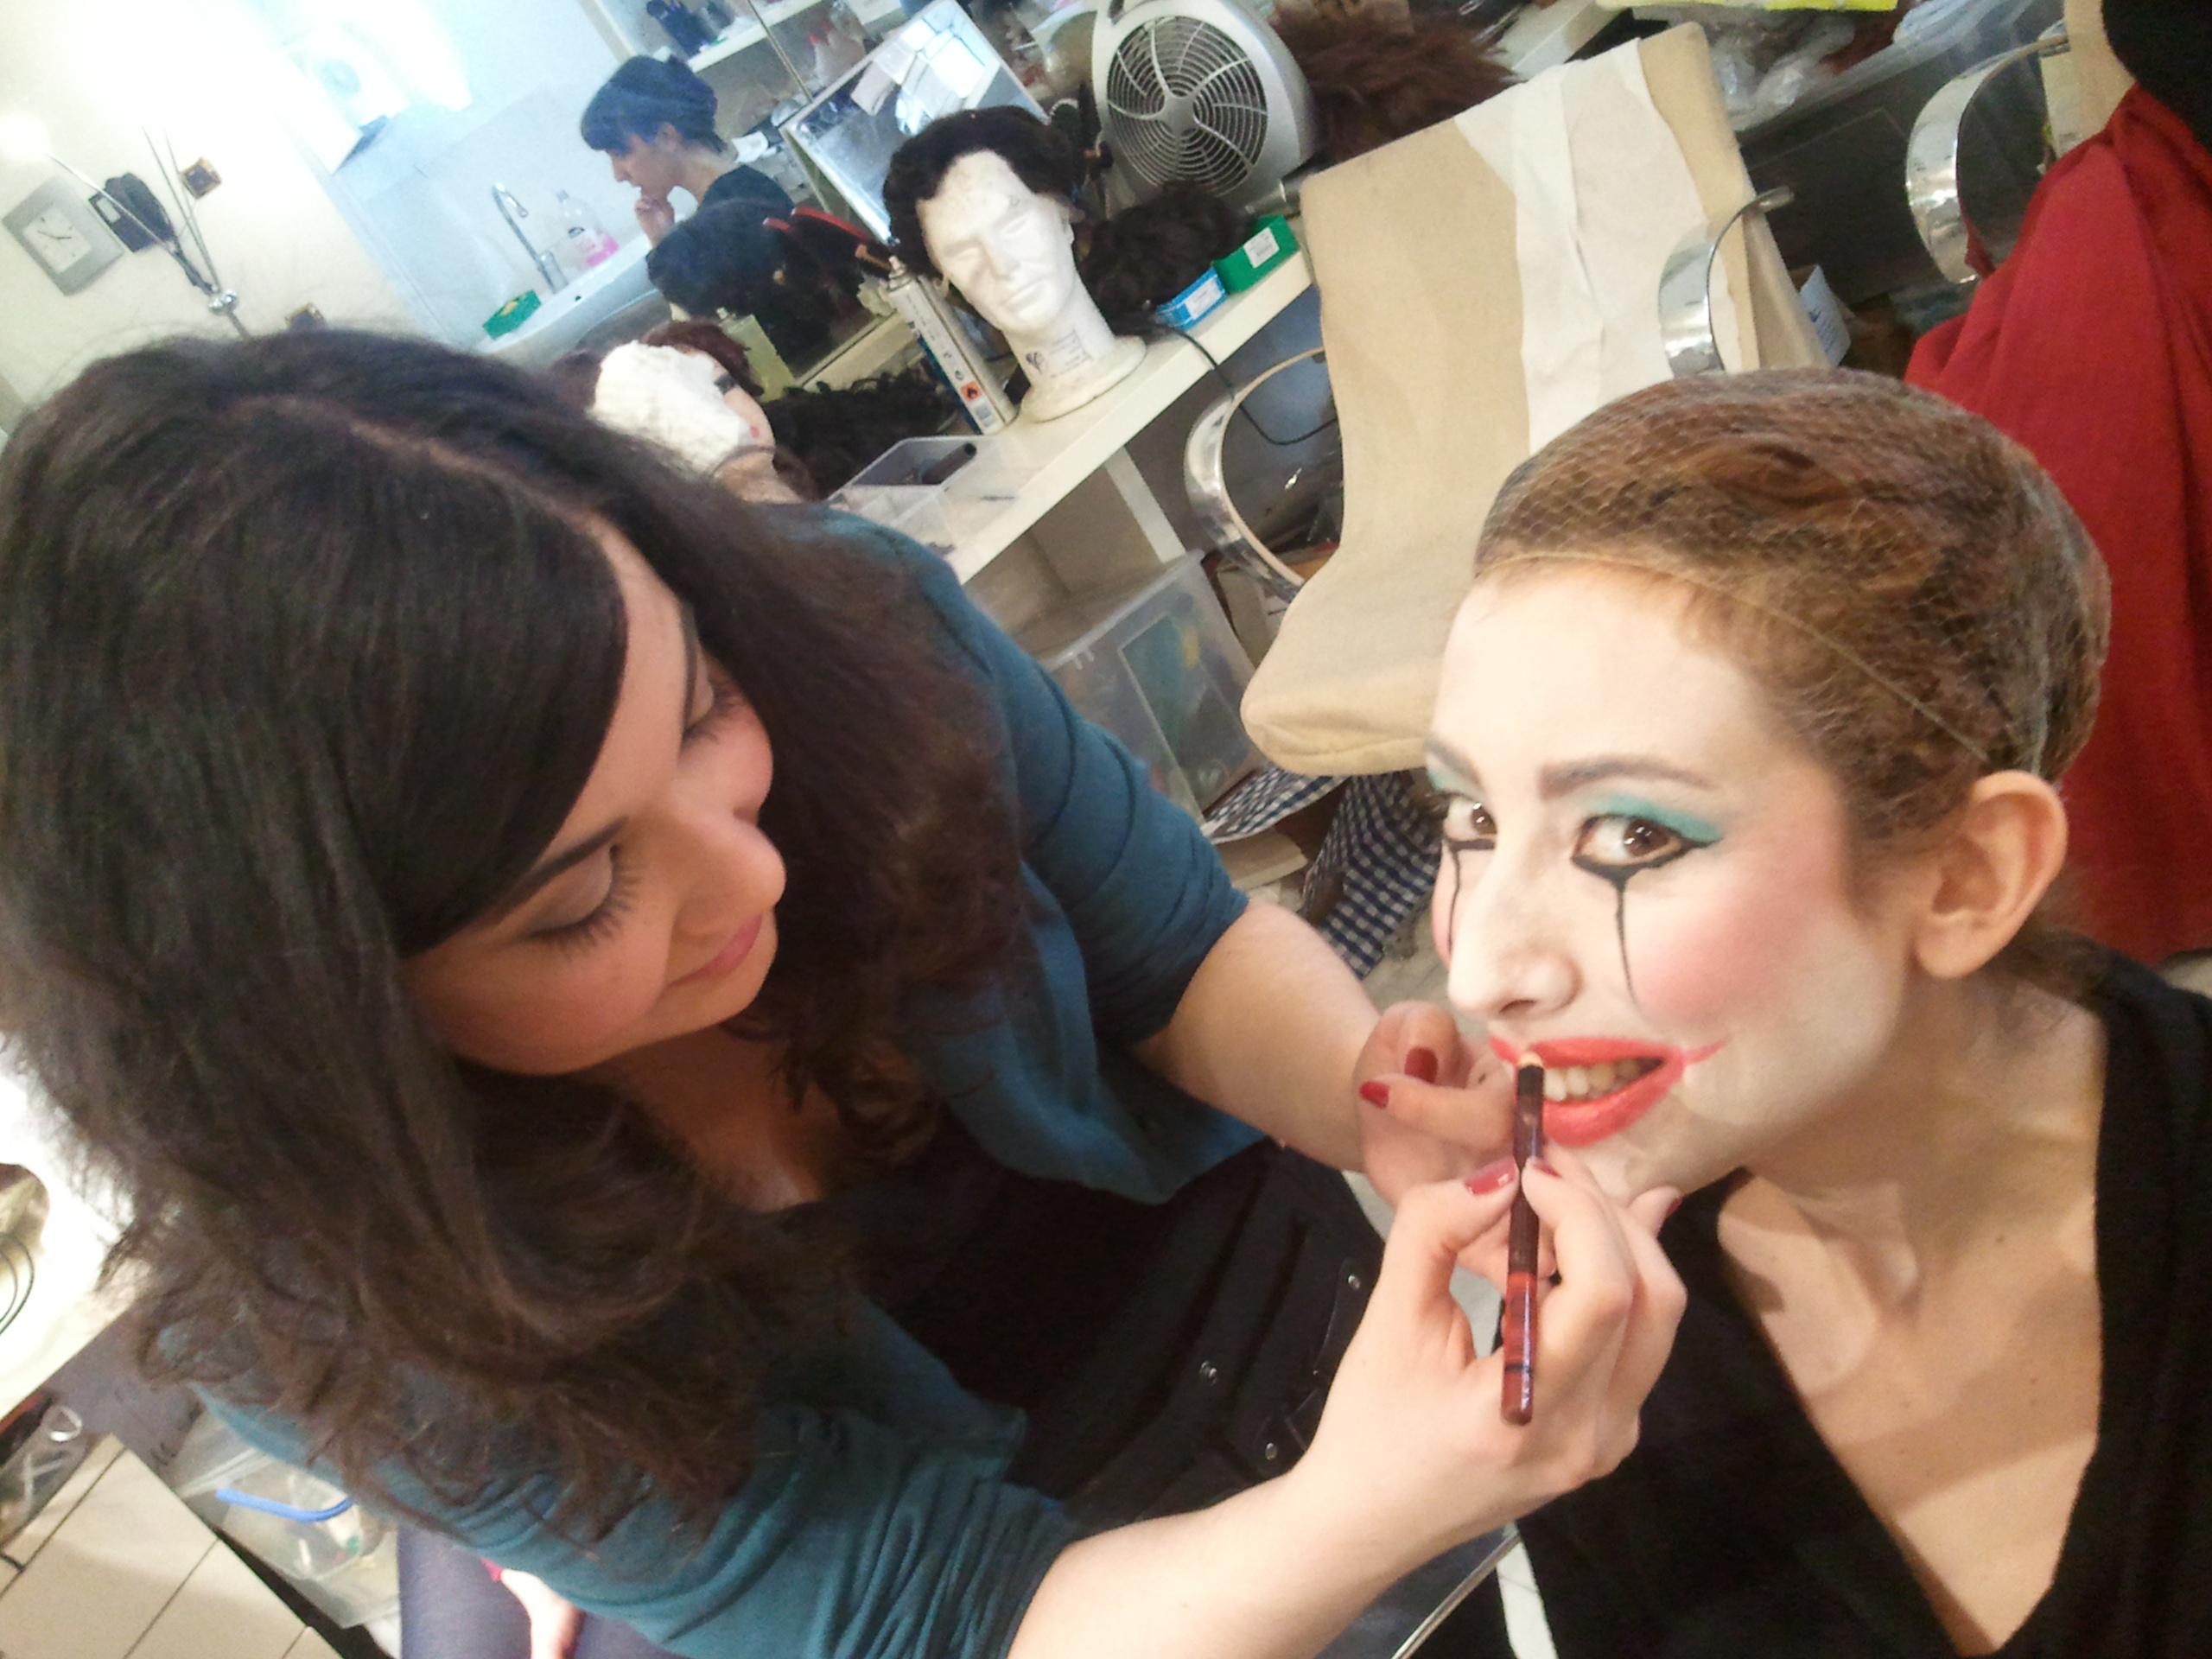 Backstage Otello Trucco Artimmagine Napoli